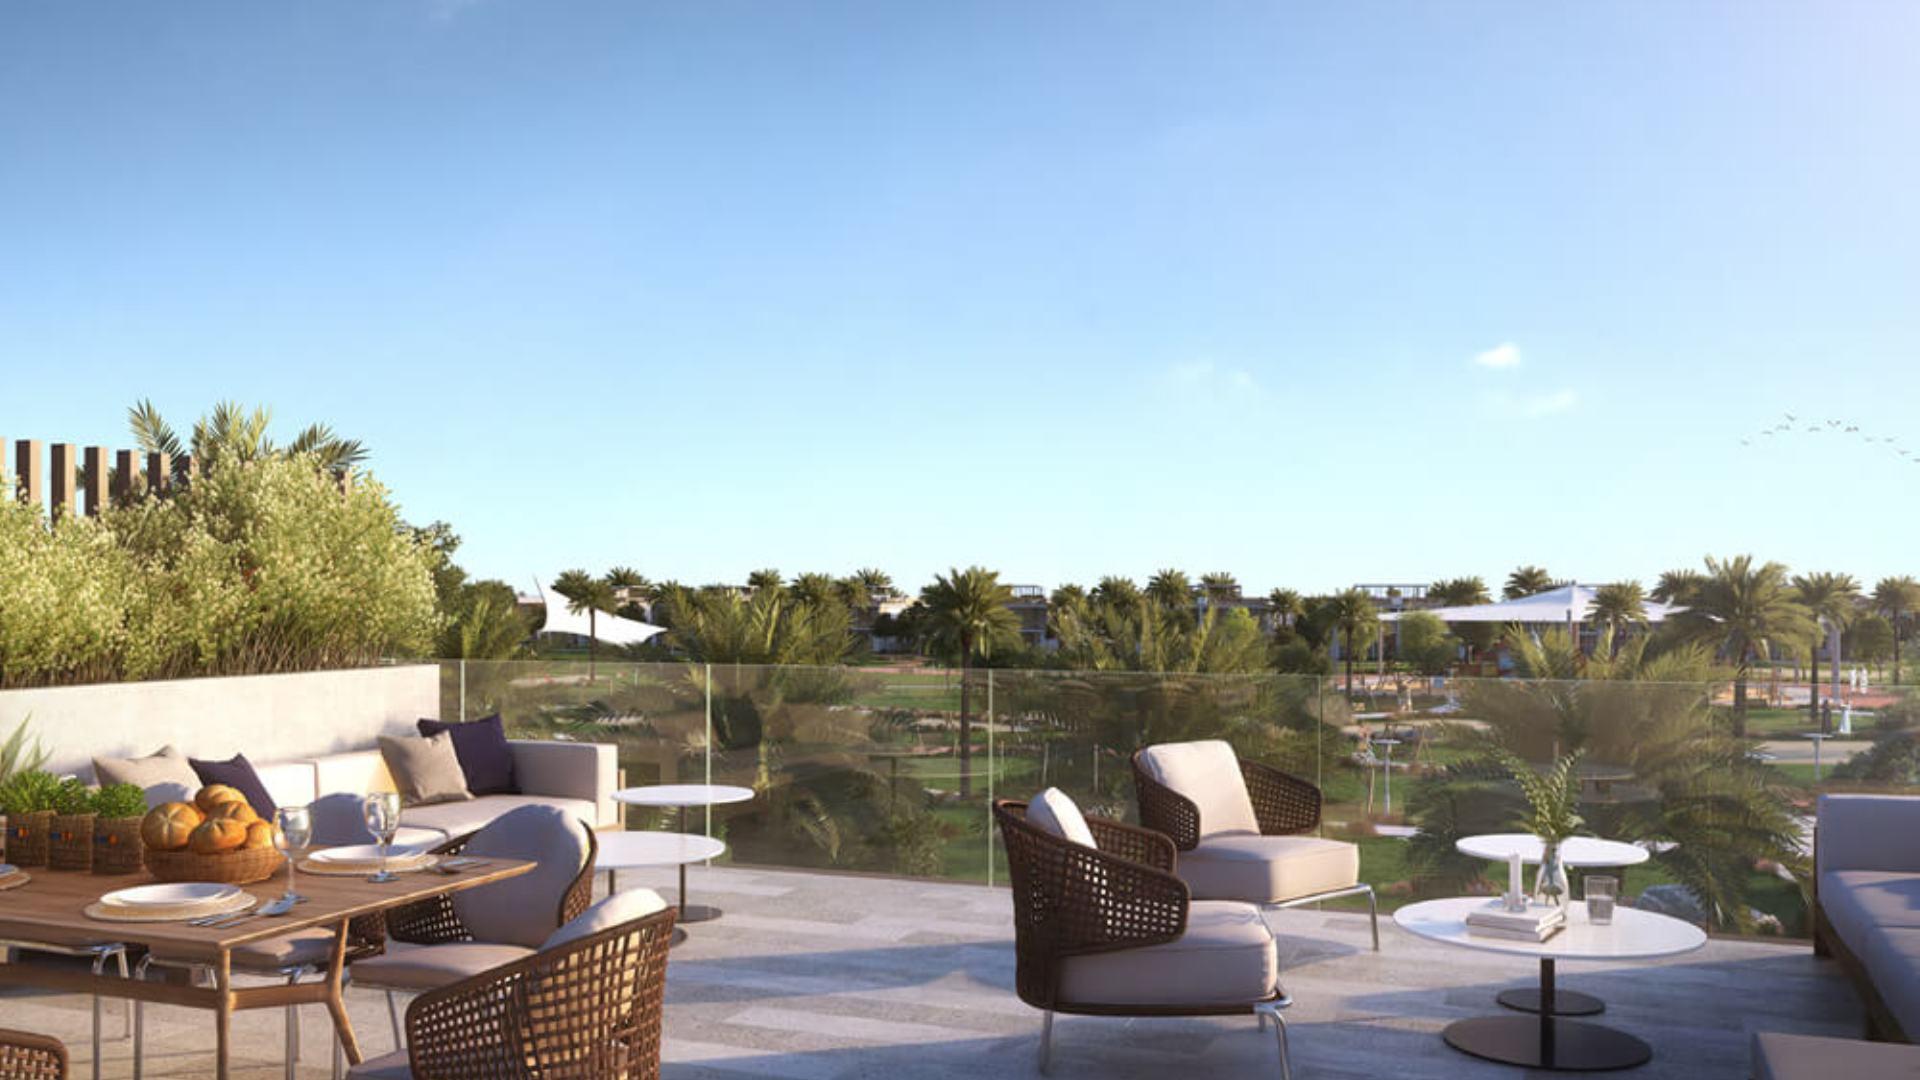 Adosado en venta en Dubai, EAU, 4 dormitorios, 292 m2, № 24375 – foto 5